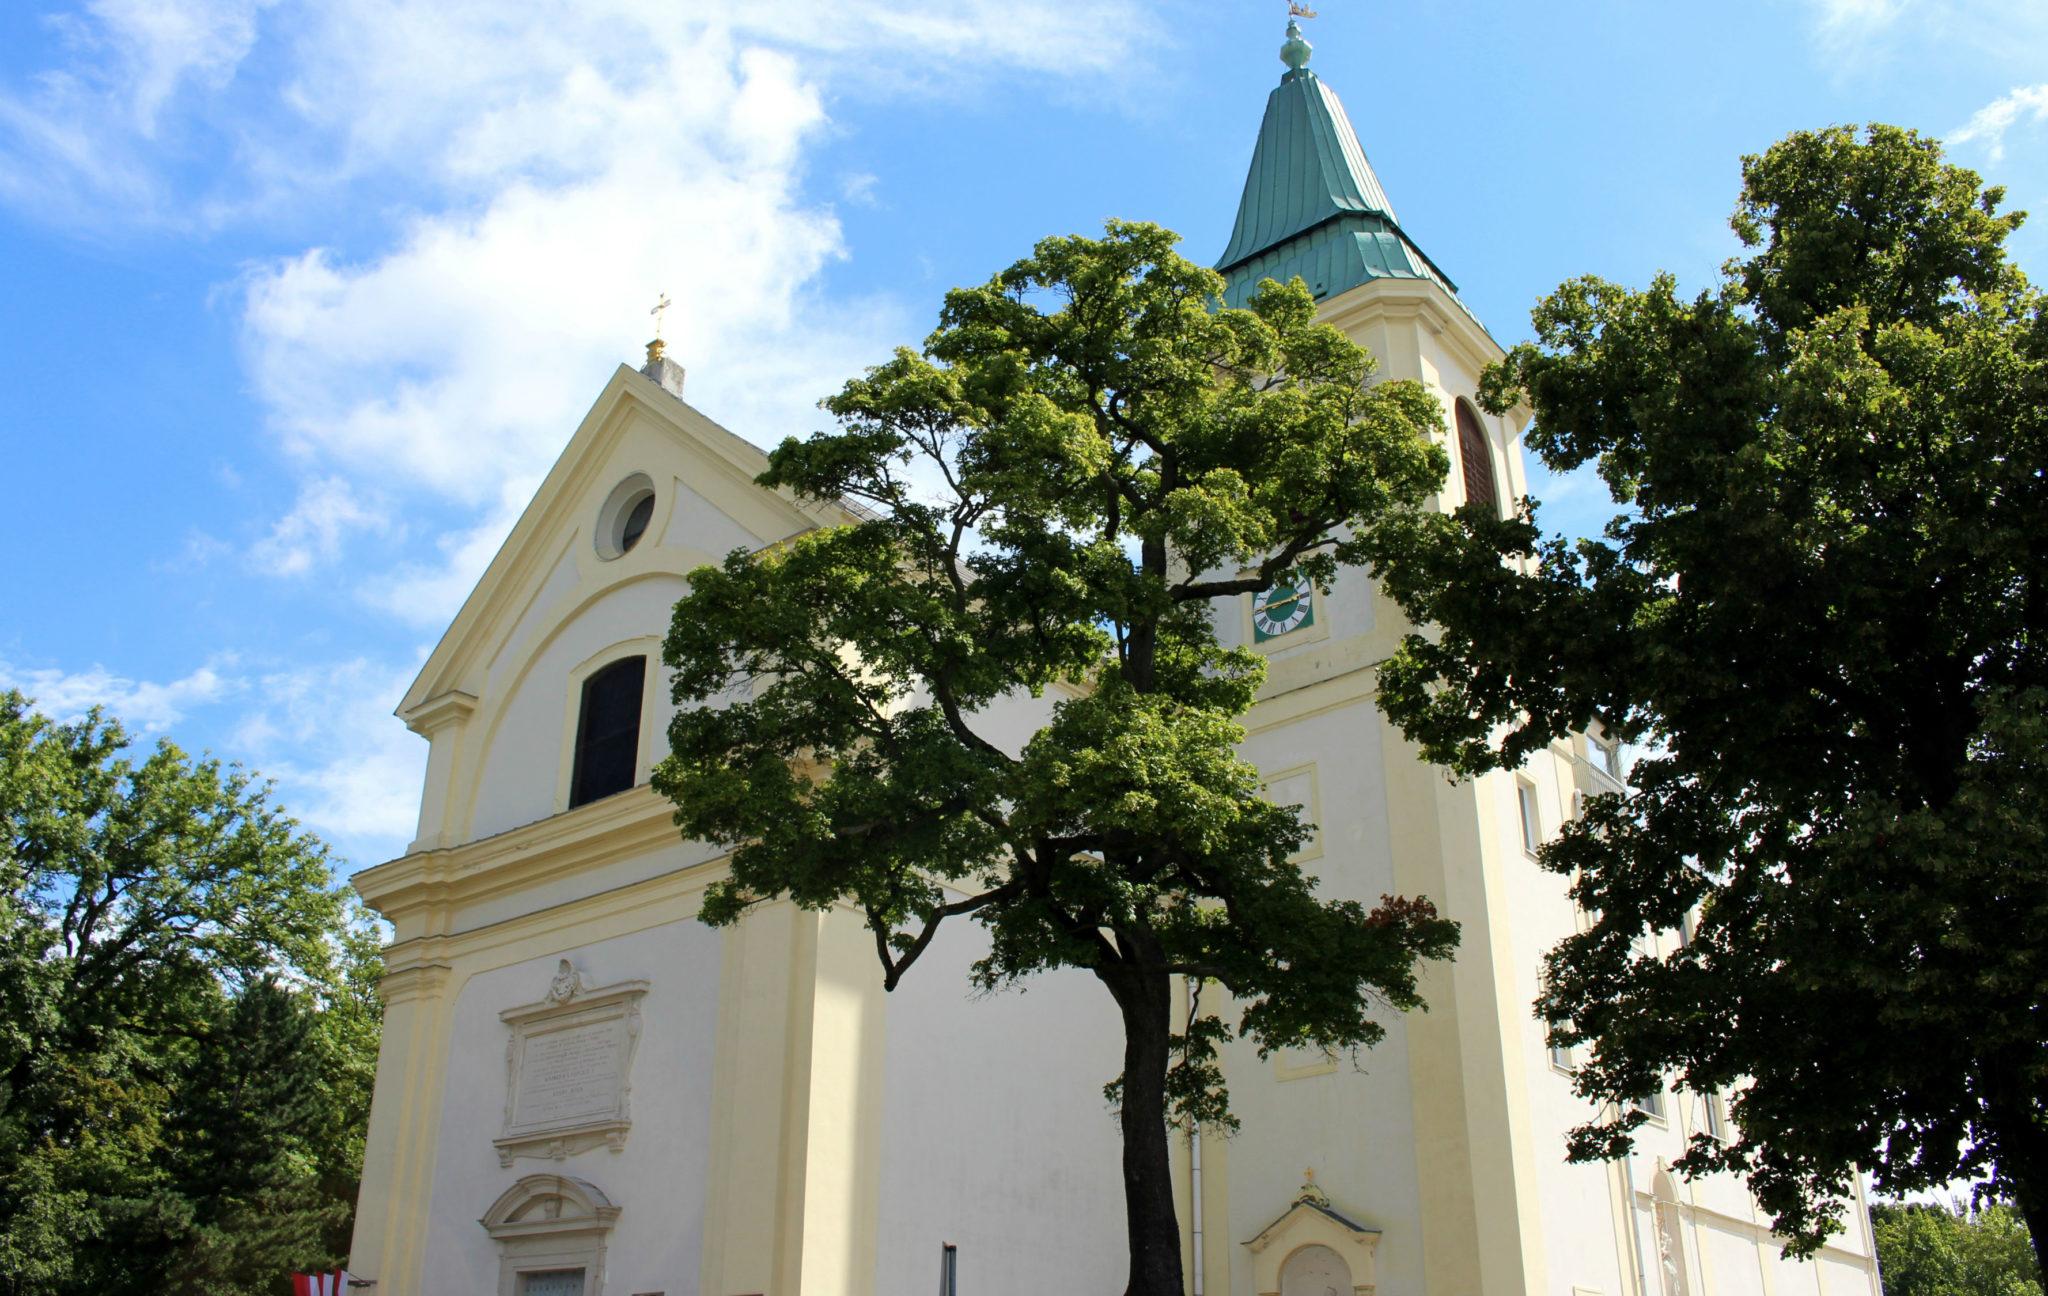 Kahlenberg – najbardziej polskie miejsce w Wiedniu